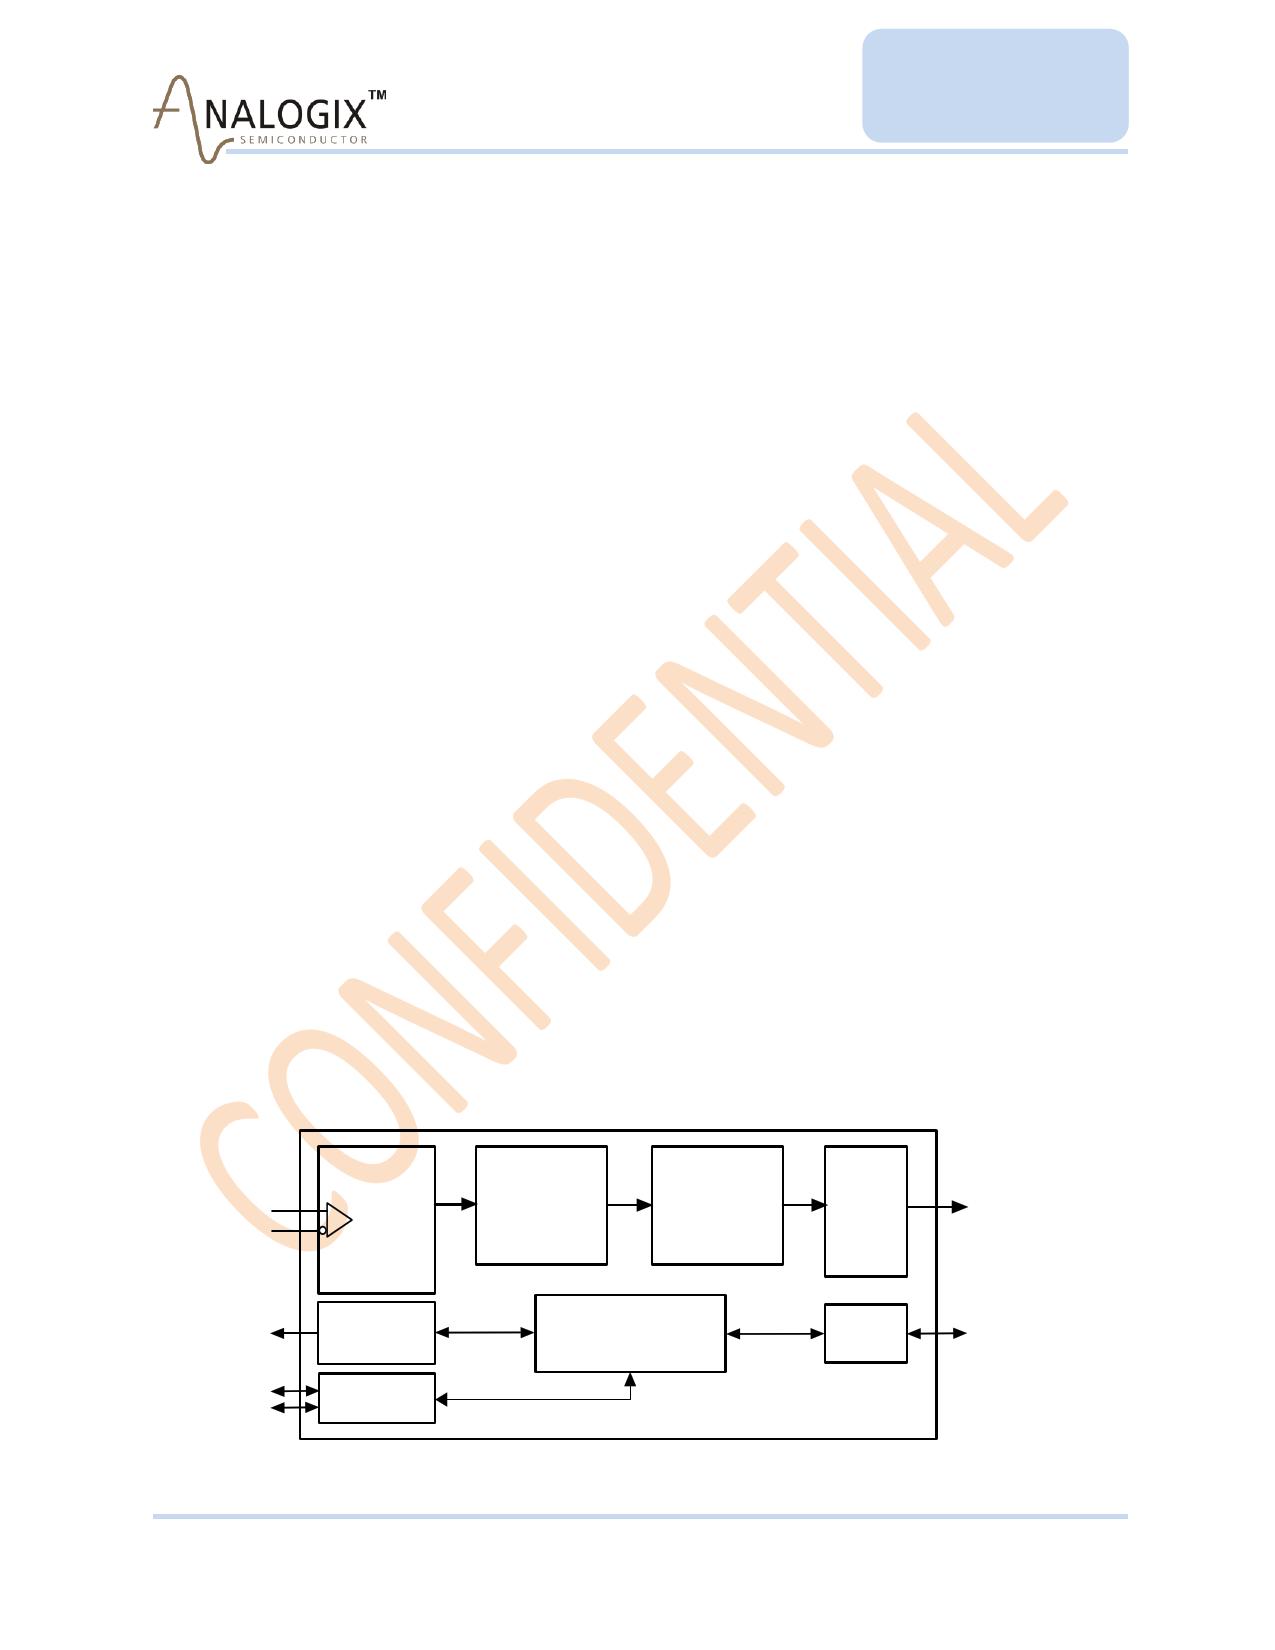 ANX3111 datasheet